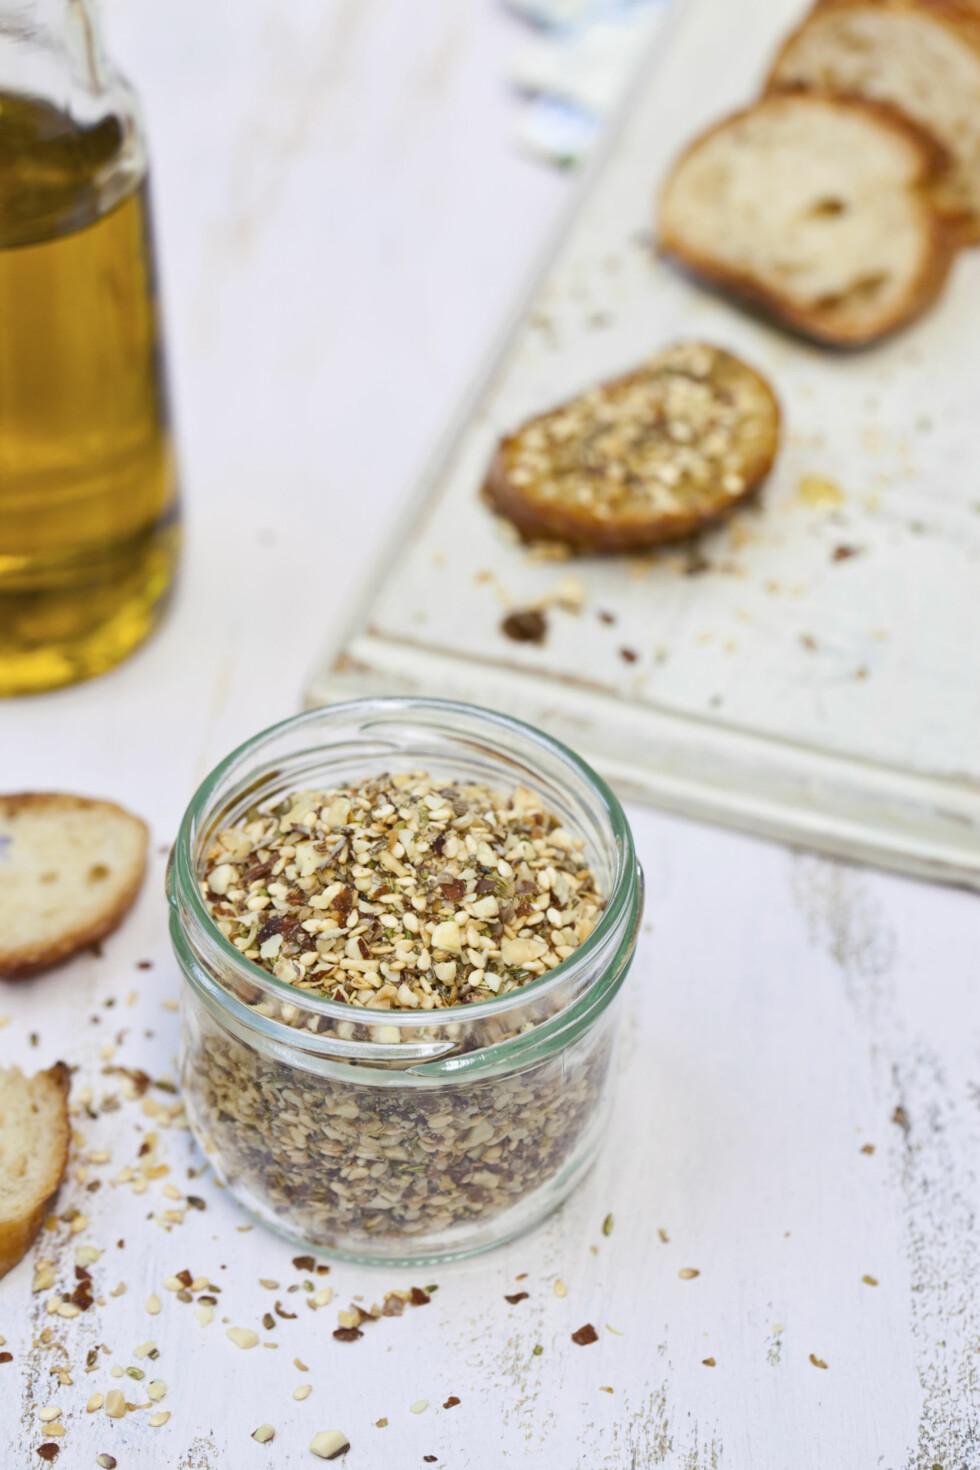 VARIER PÅ FRØENE: Ifølge ernæringsekspert Kari H. Bugge, er det lurt å variere litt på frøsortene du spiser.  Foto: Thinkstock.com